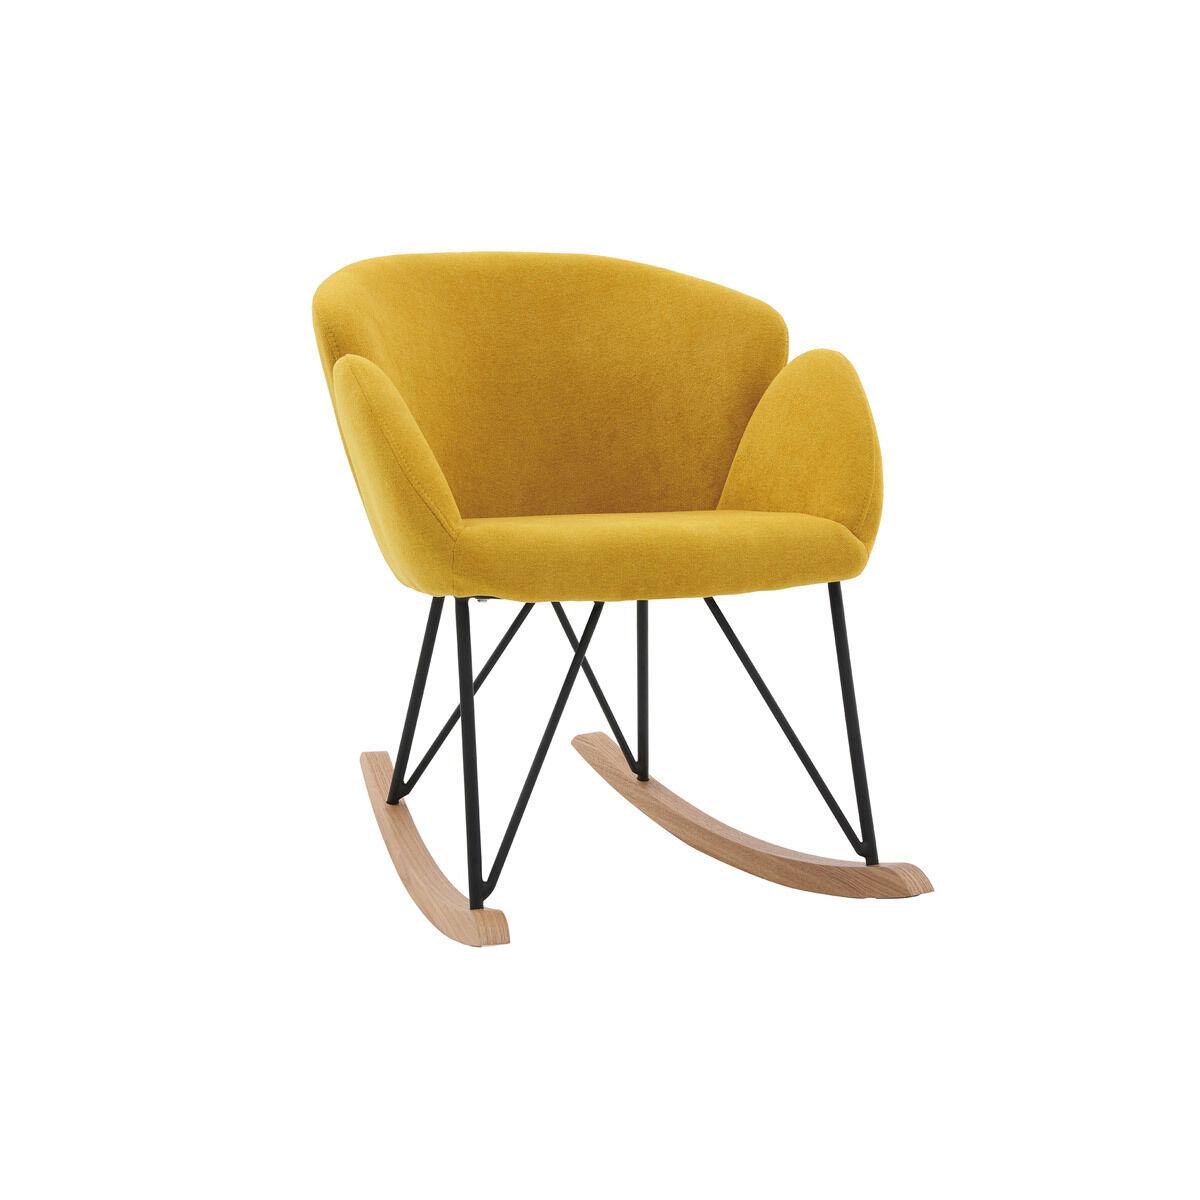 Miliboo Rocking chair design tissu effet velours jaune moutarde RHAPSODY - Miliboo & Stéphane Plaza